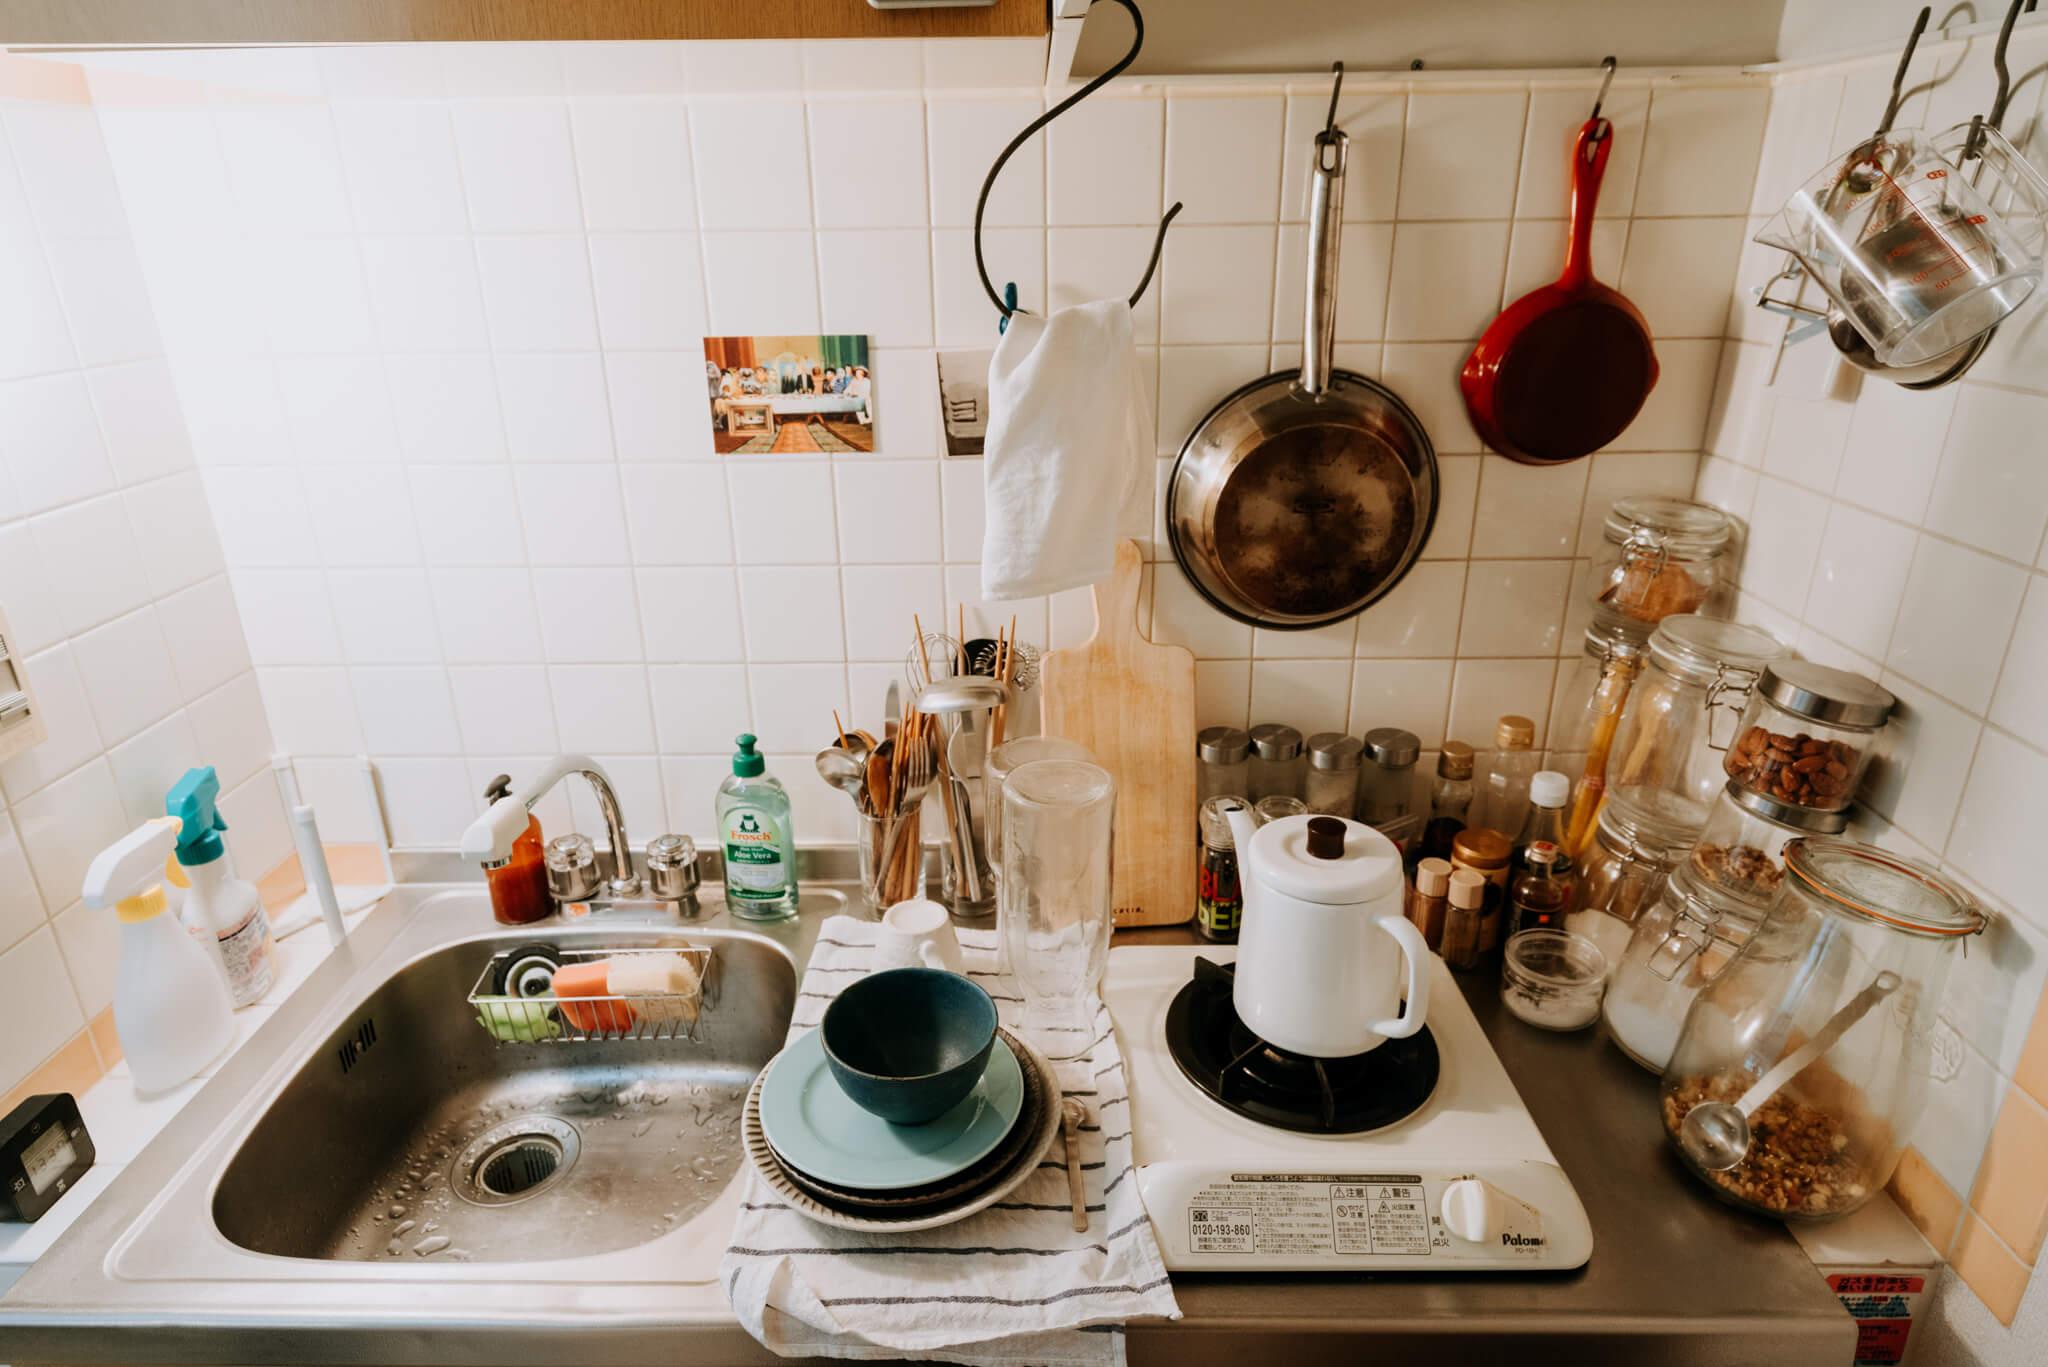 小さなキッチンは、気ままな料理作りに最適。普段買いためておいたおつまみ用のレシピ本などを眺めながら、今日食べたいものを丁寧に作ってみてはいかがでしょう。お酒を飲みながら、なんていうのも最高!(このお部屋をもっと見る)